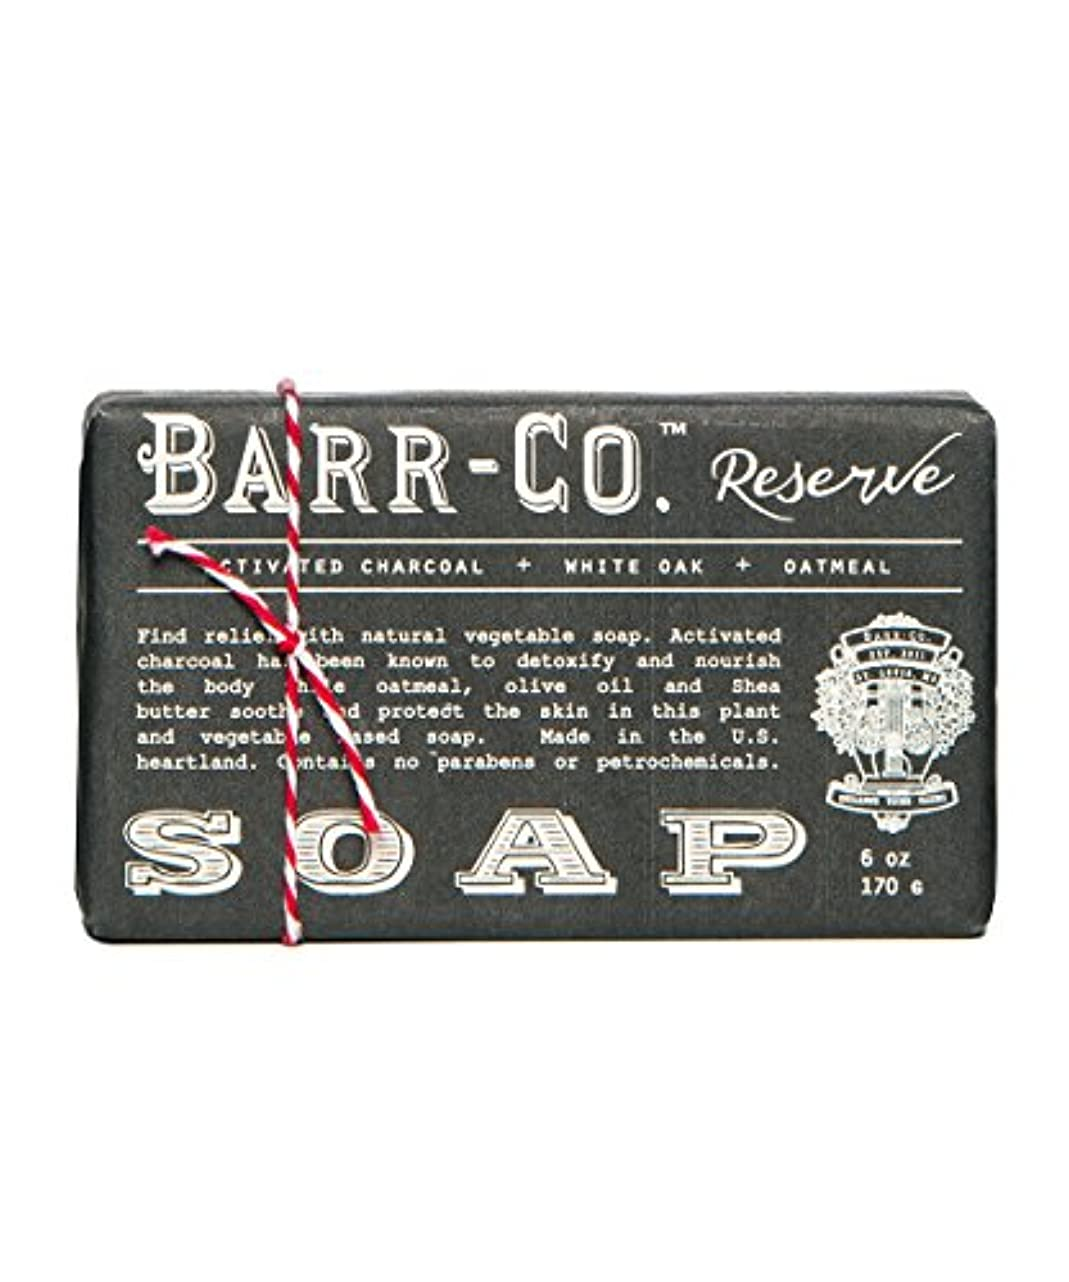 知性知人決定するバーコ(BARR-CO.) バーソープ リザーブ